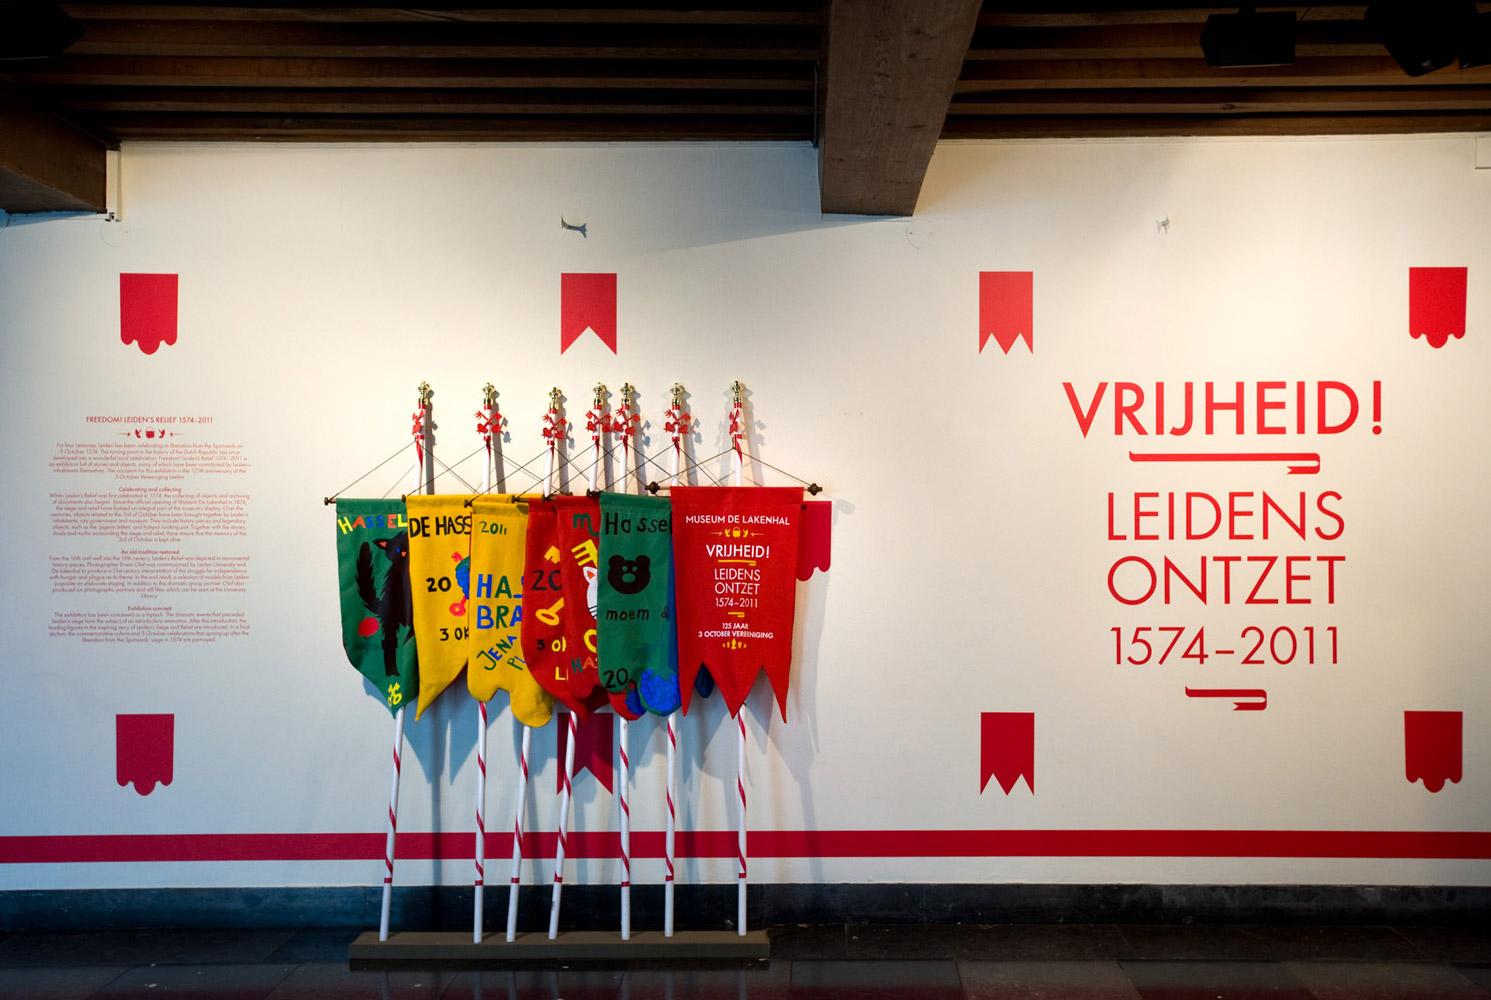 museum de lakenhal vrijheid! leidens ontzet en beleg 1574 2011 nr 12 jpg